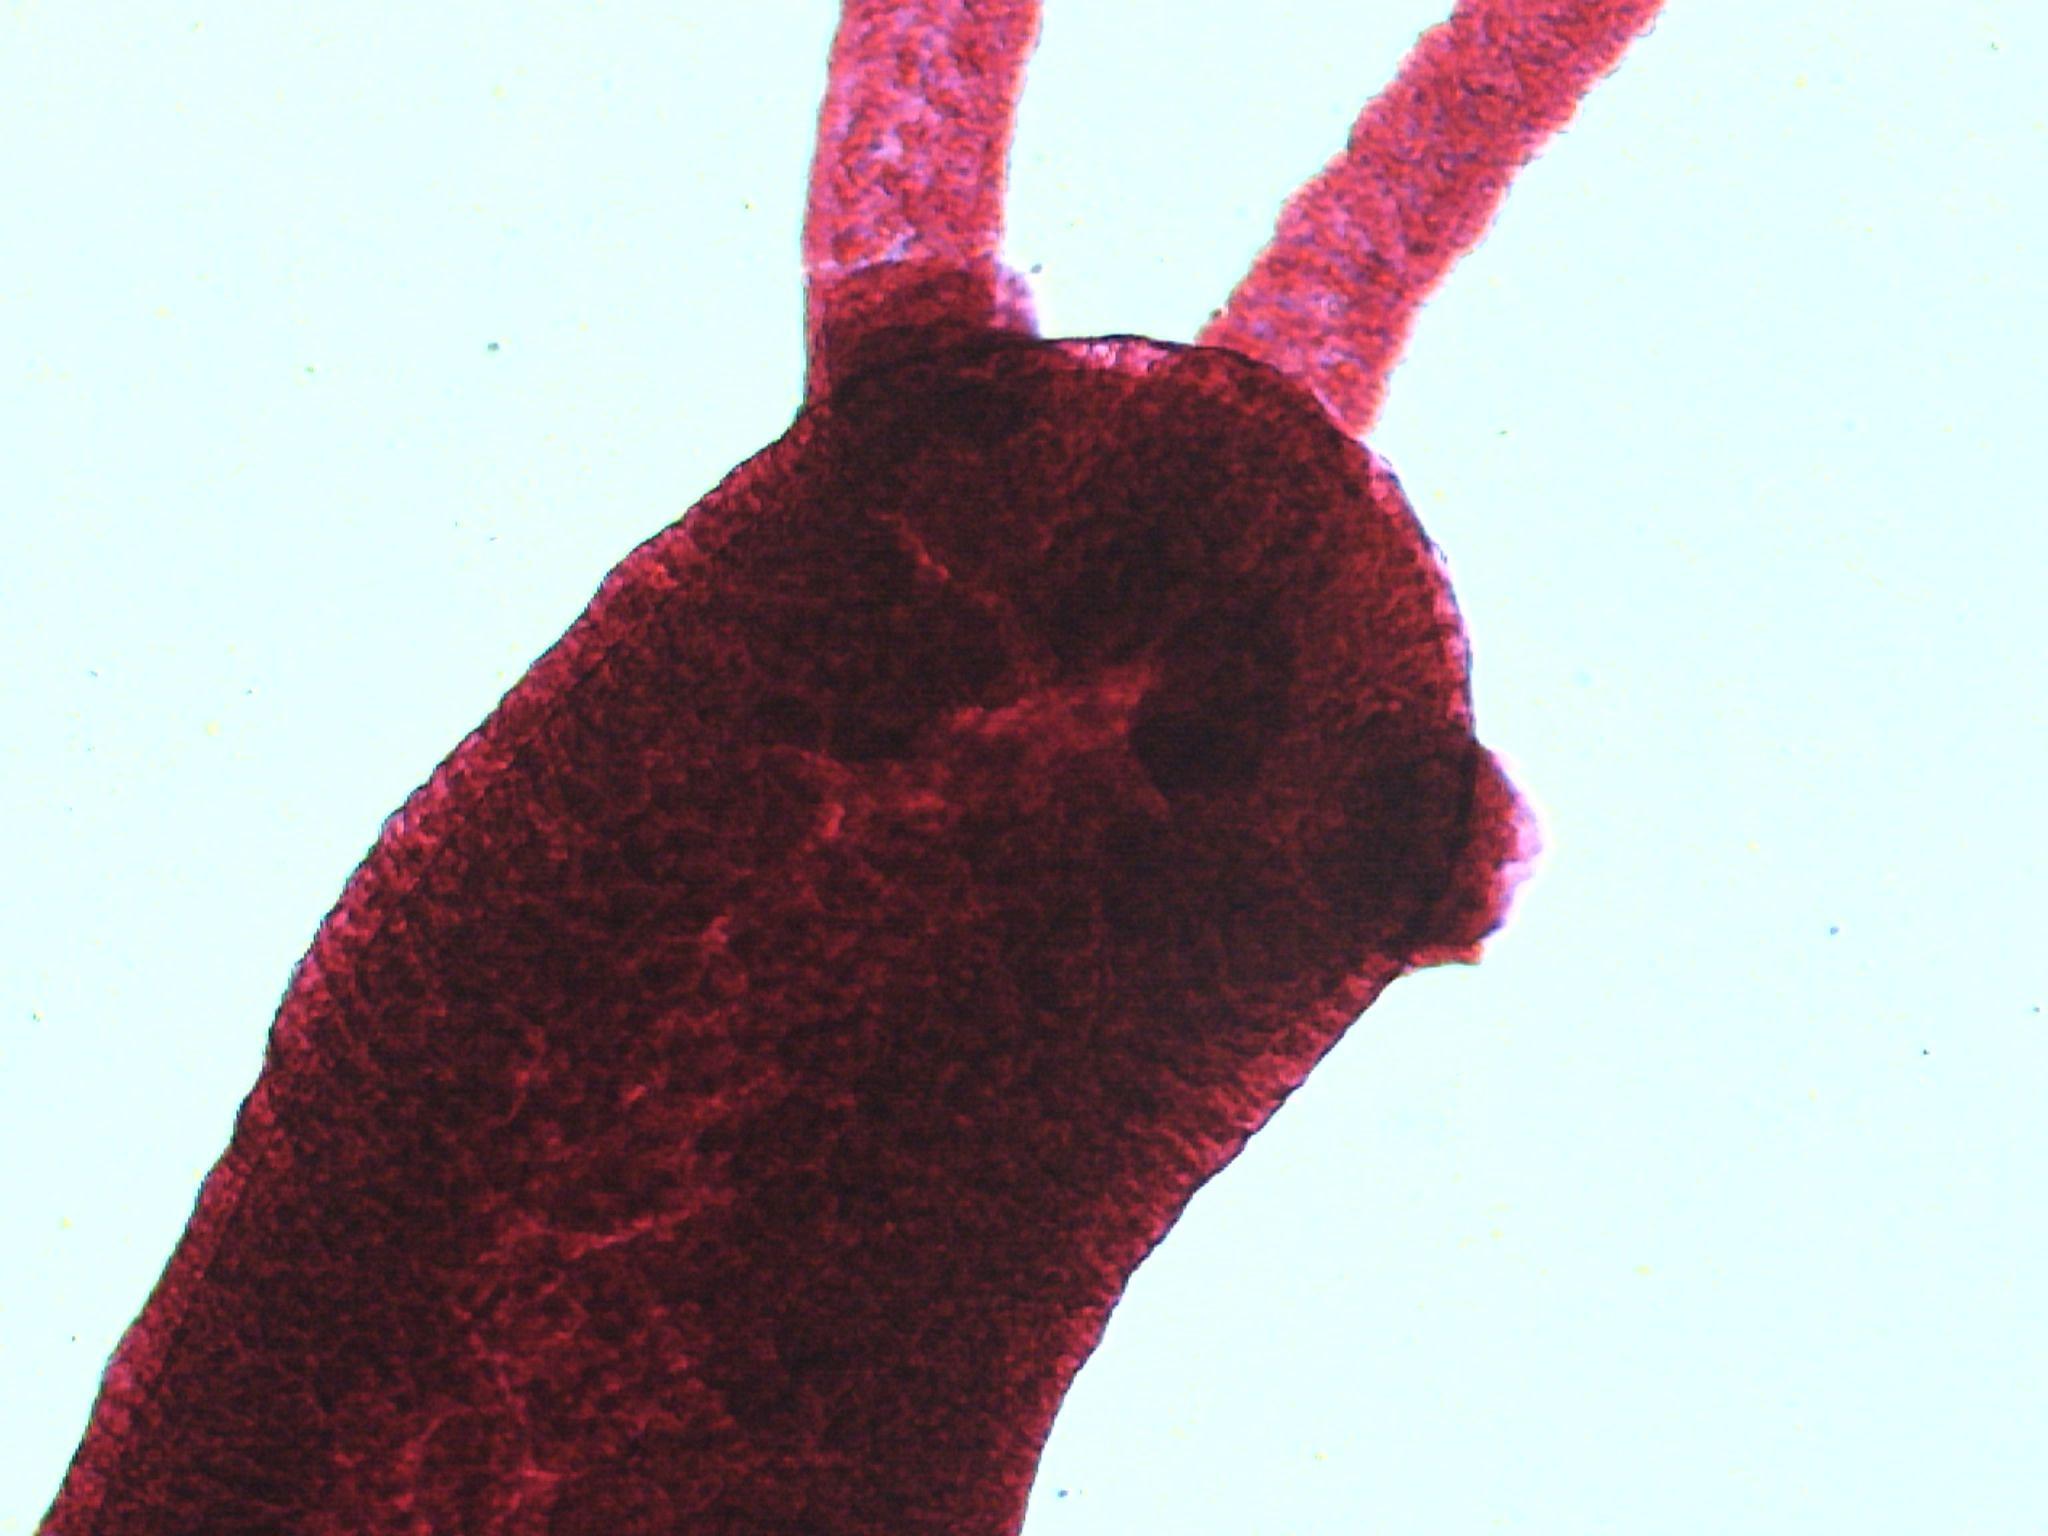 Hydra (genus)